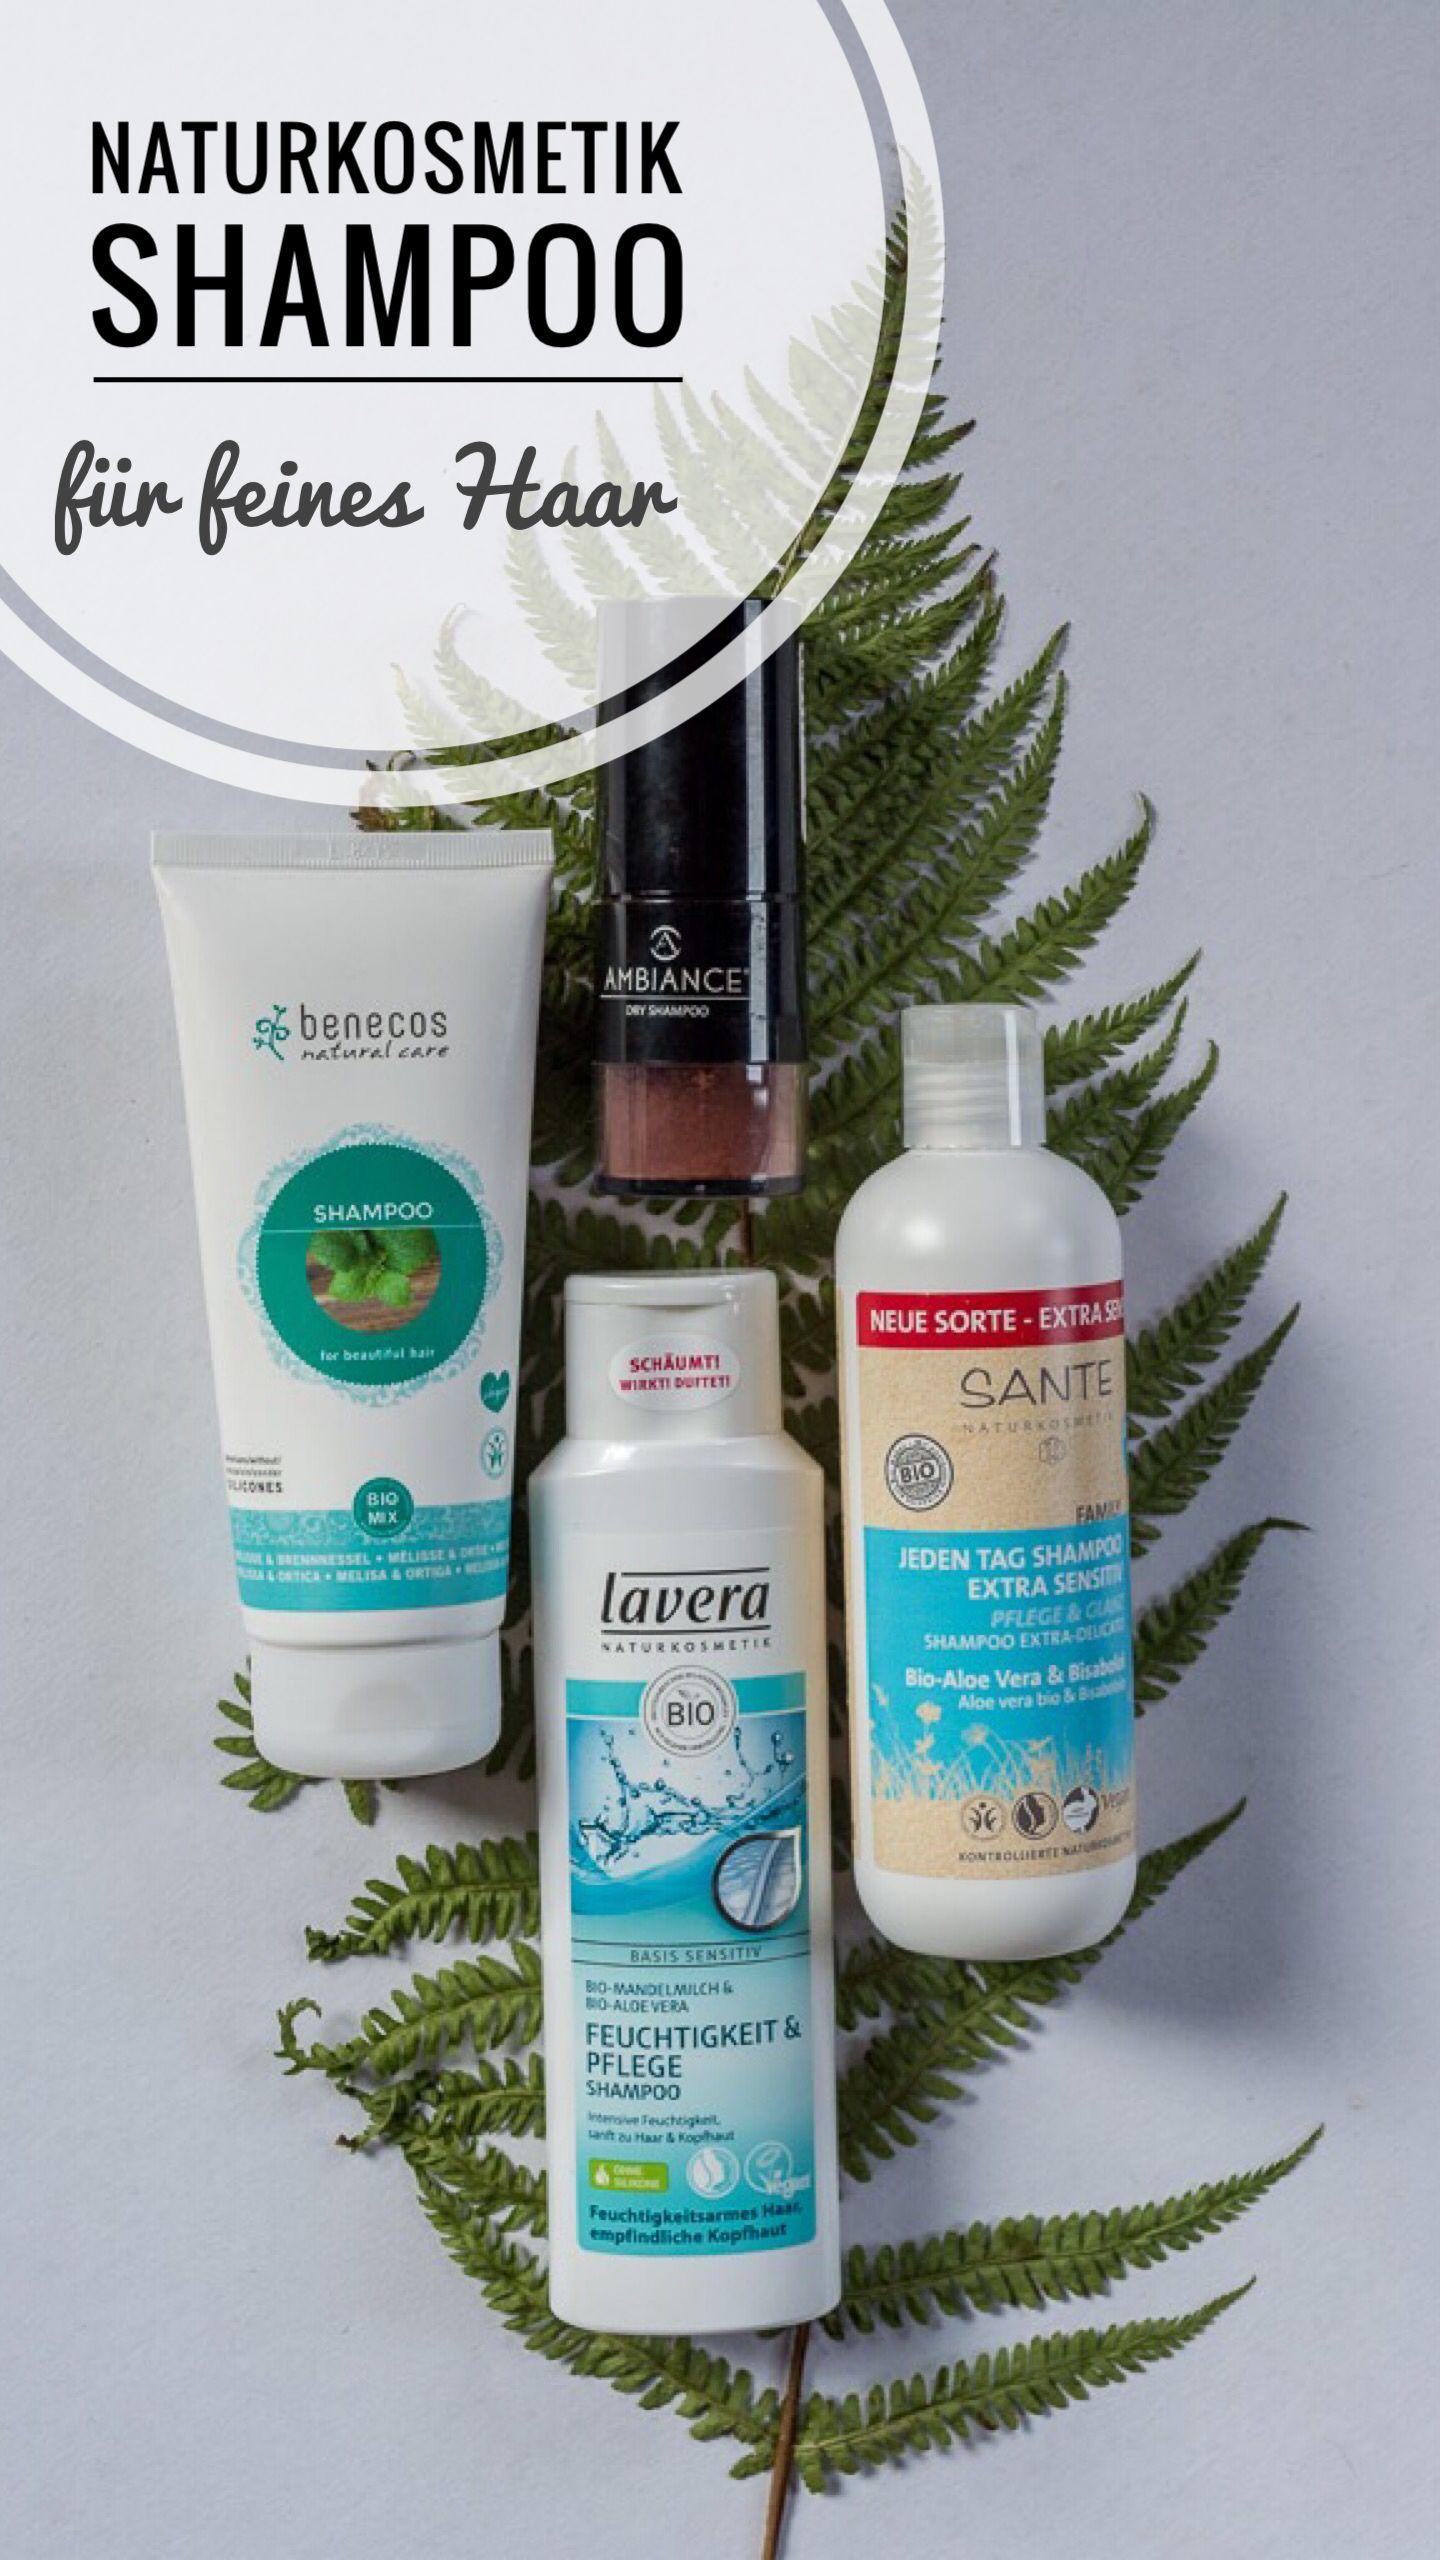 Meine Liebsten Naturkosmetik Shampoos Fur Feines Haar Shampoo Fur Feines Haar Naturkosmetik Und Haare Pflegen